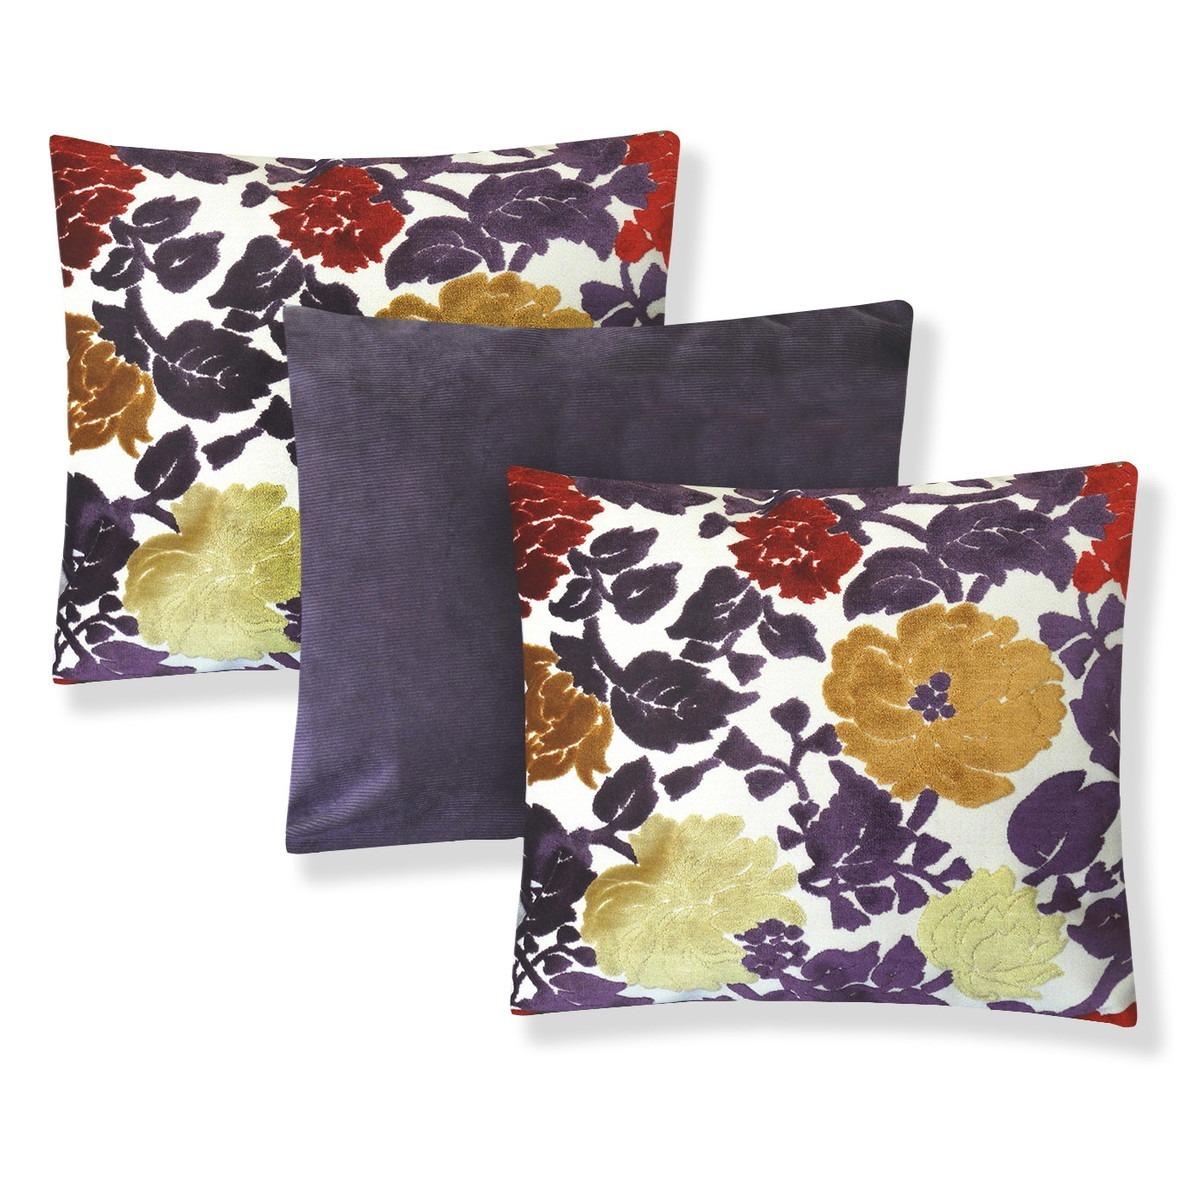 e420dbcfadda4a Kit Com 3 Almofadas Decorativas Para Sala Sofá 45x45 Floral